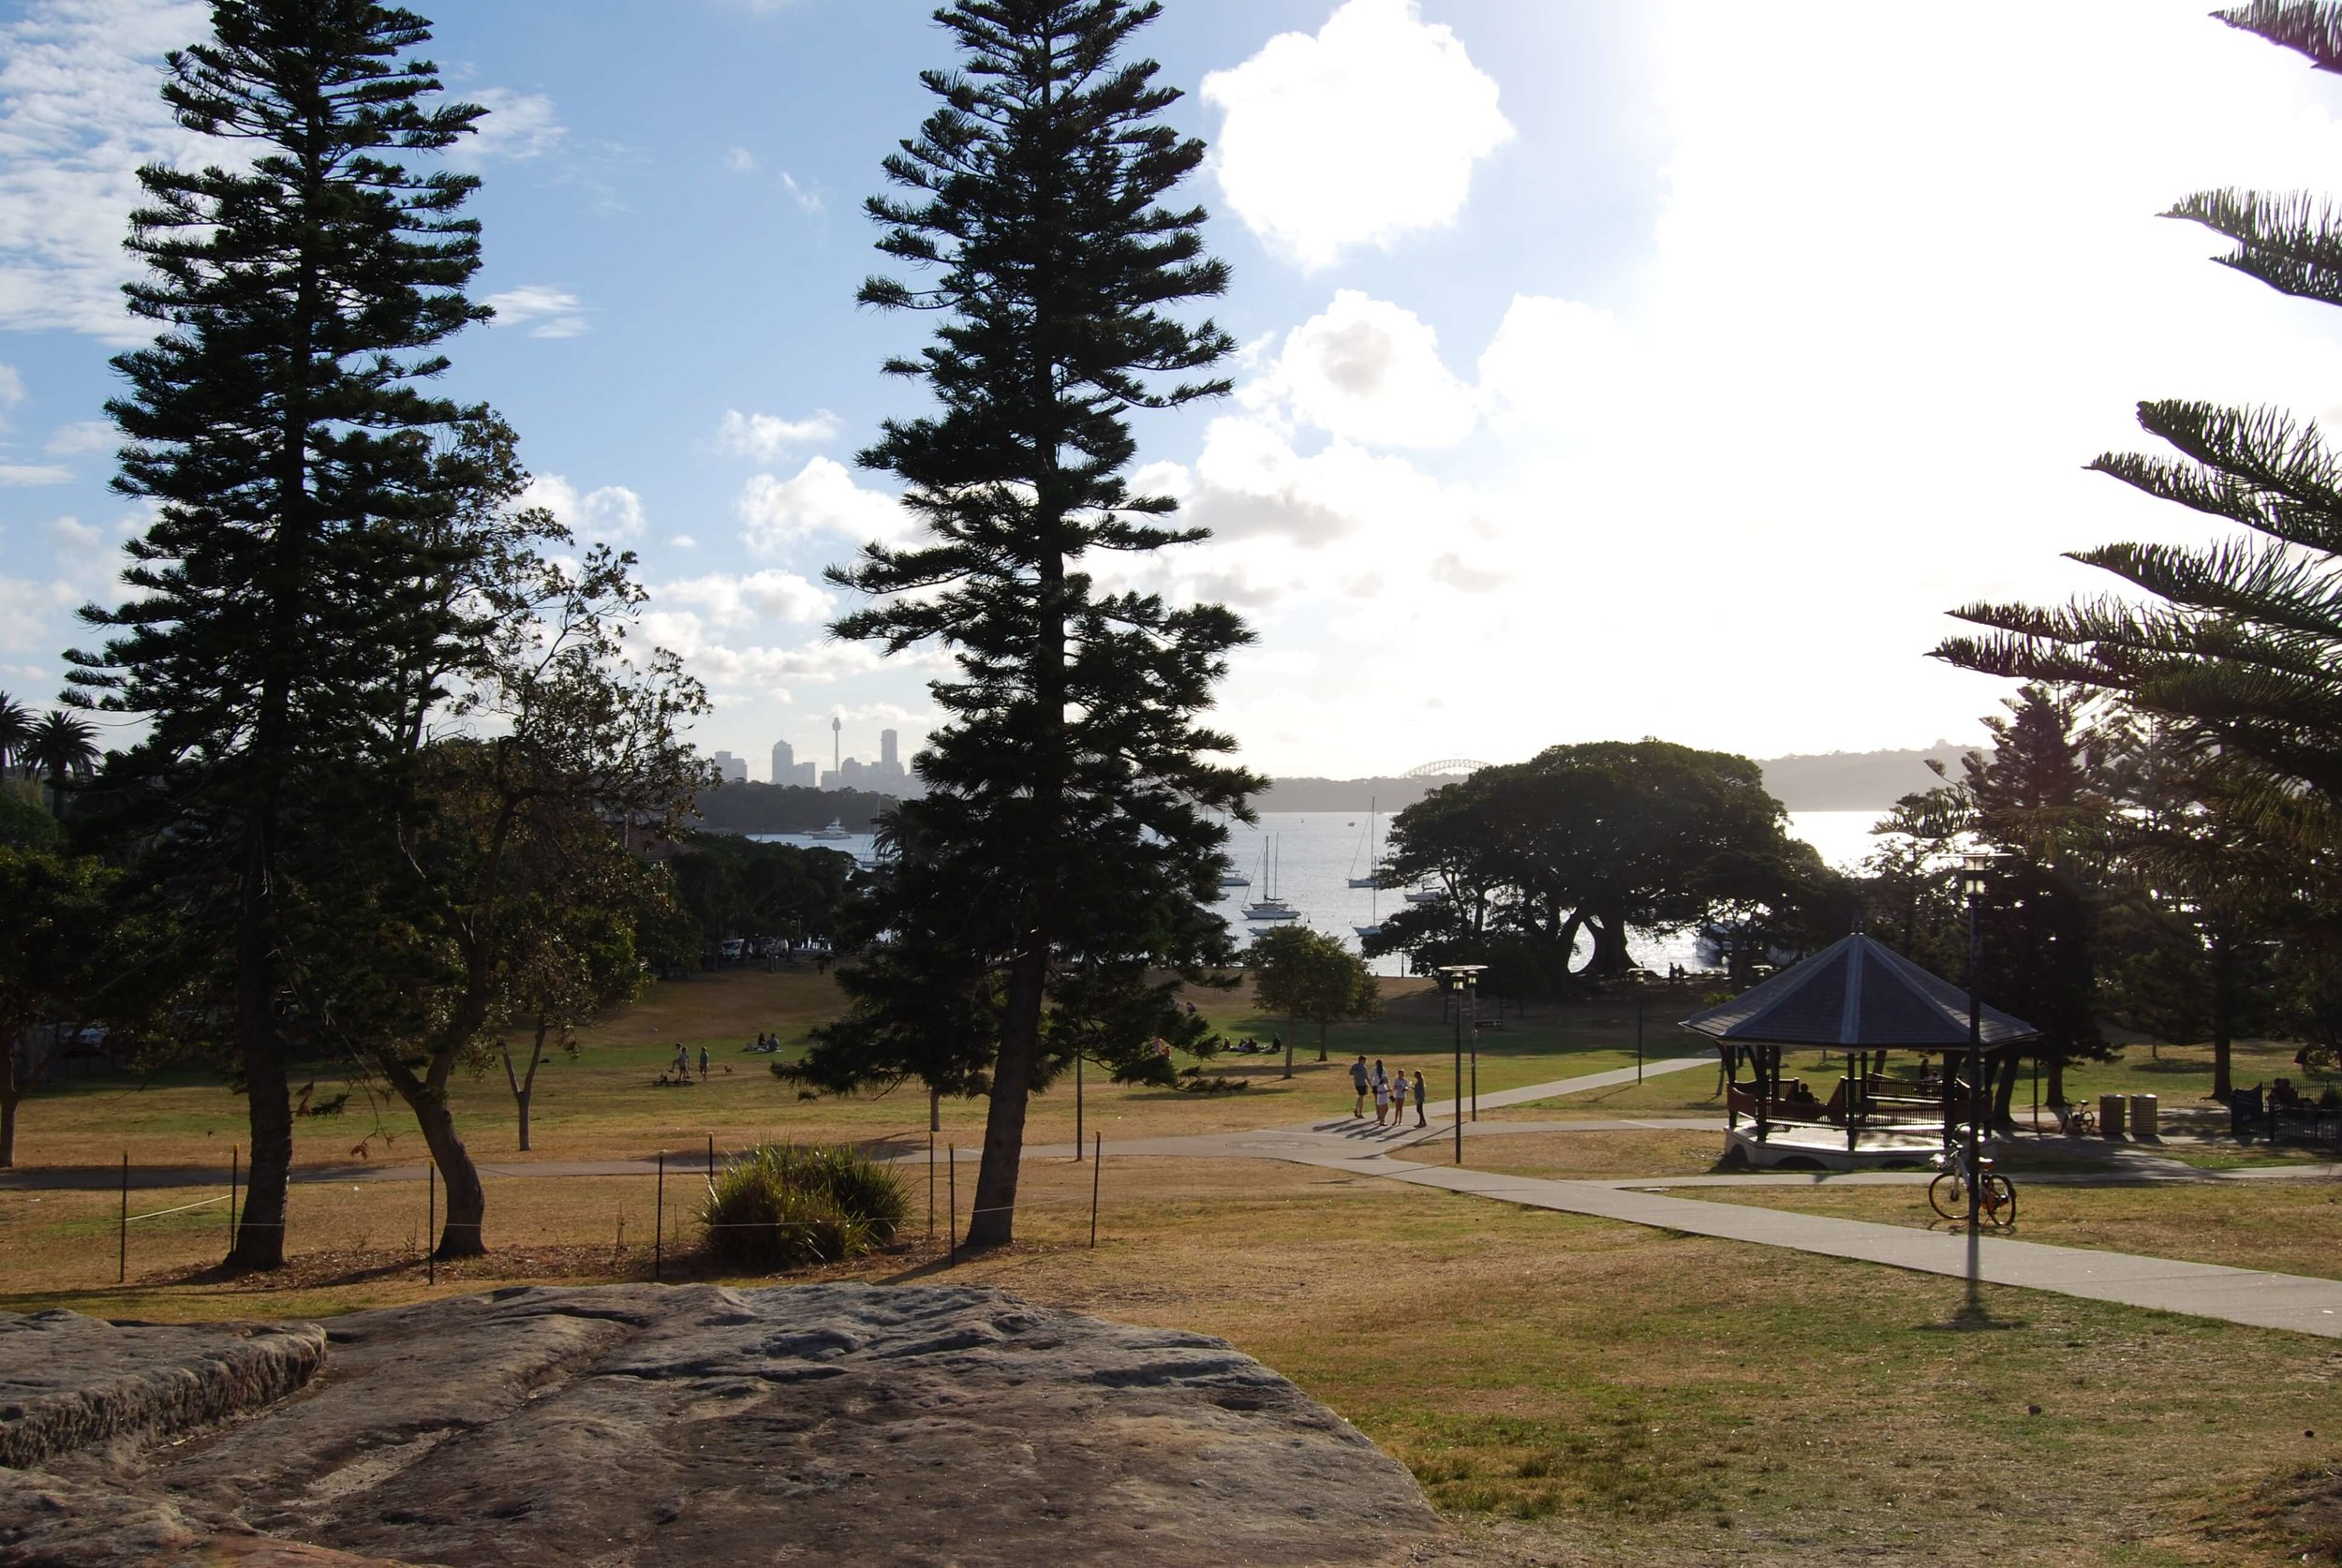 Nice pavilion next to the playground